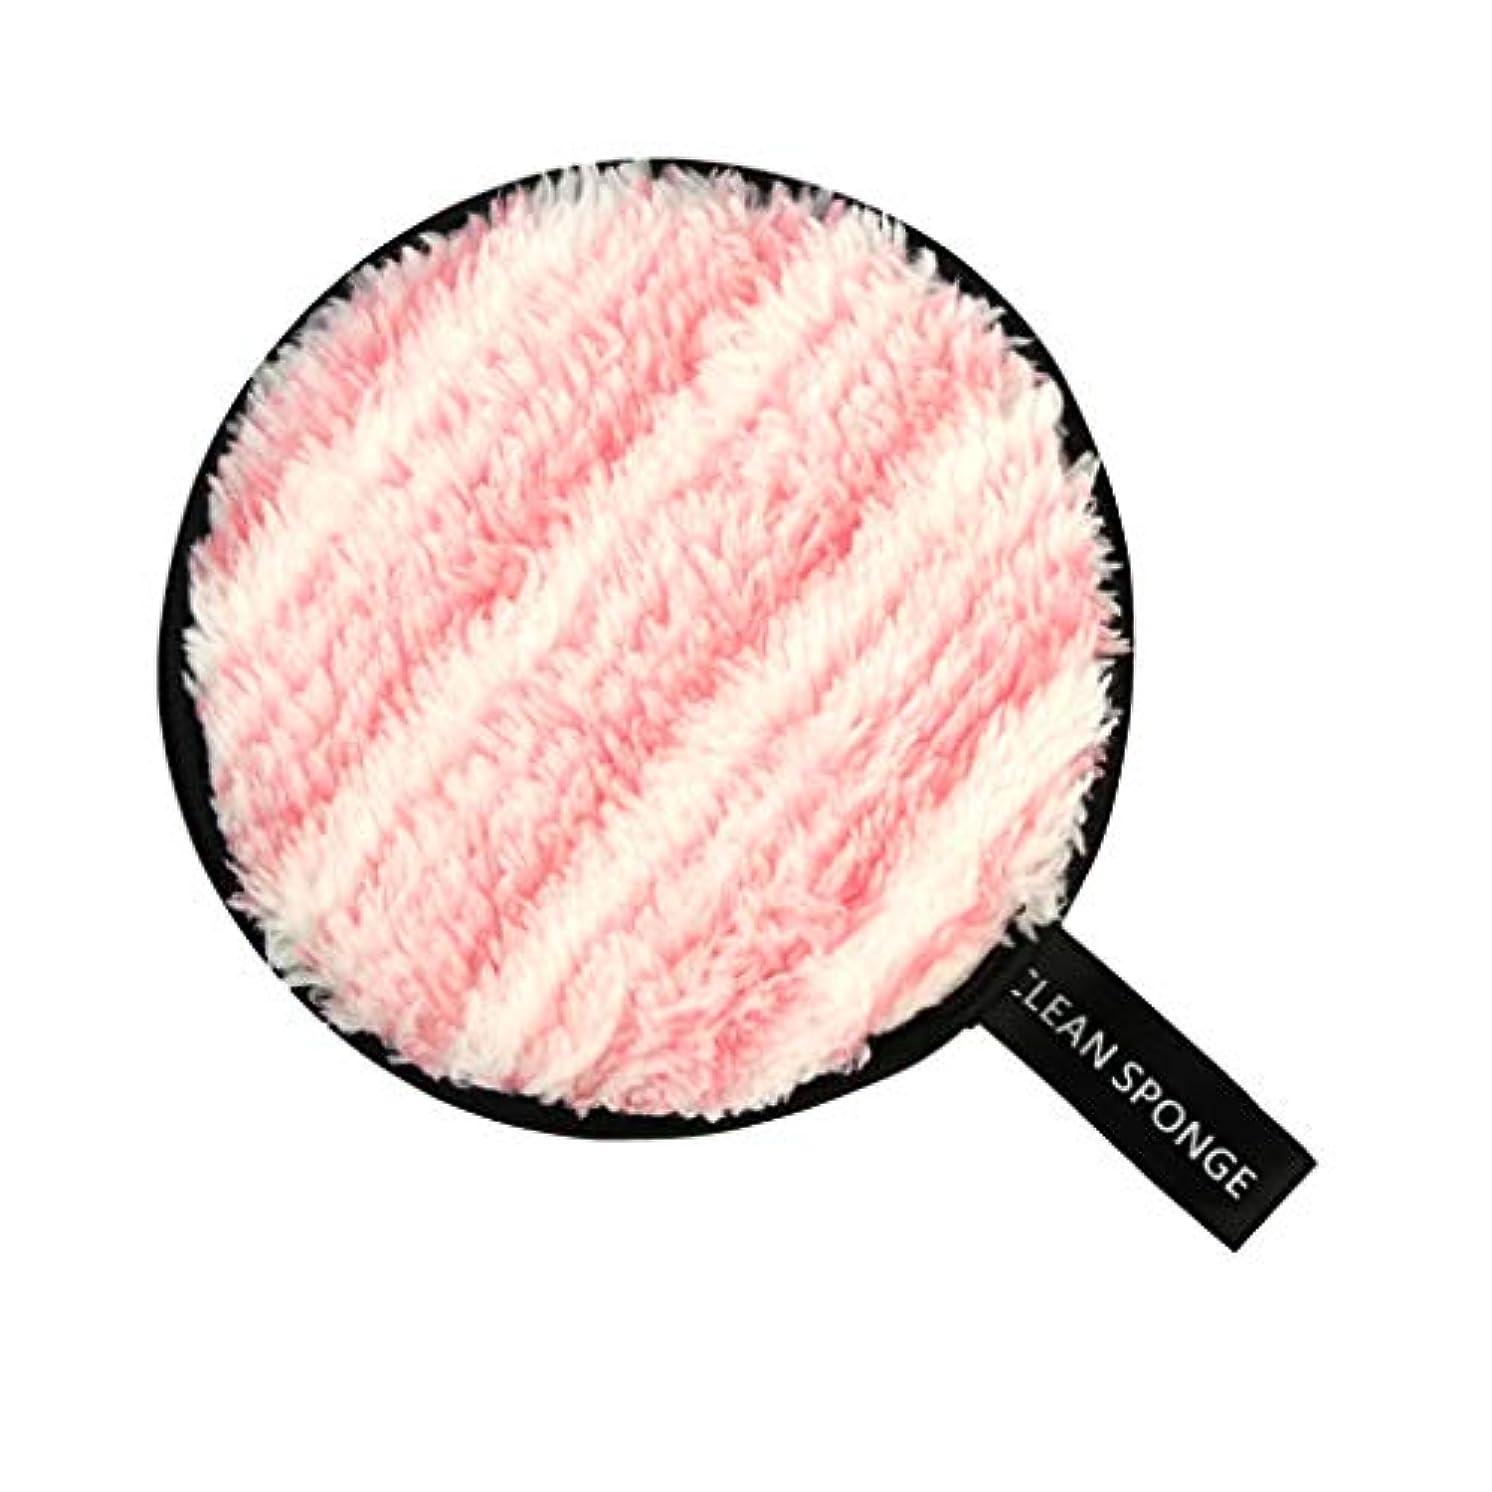 ビスケットスピーチマイナスフェイススポンジ メイク落としスポンジ 洗顔パッド 再利用可能 クリーニングパフ 全6色 - ピンク